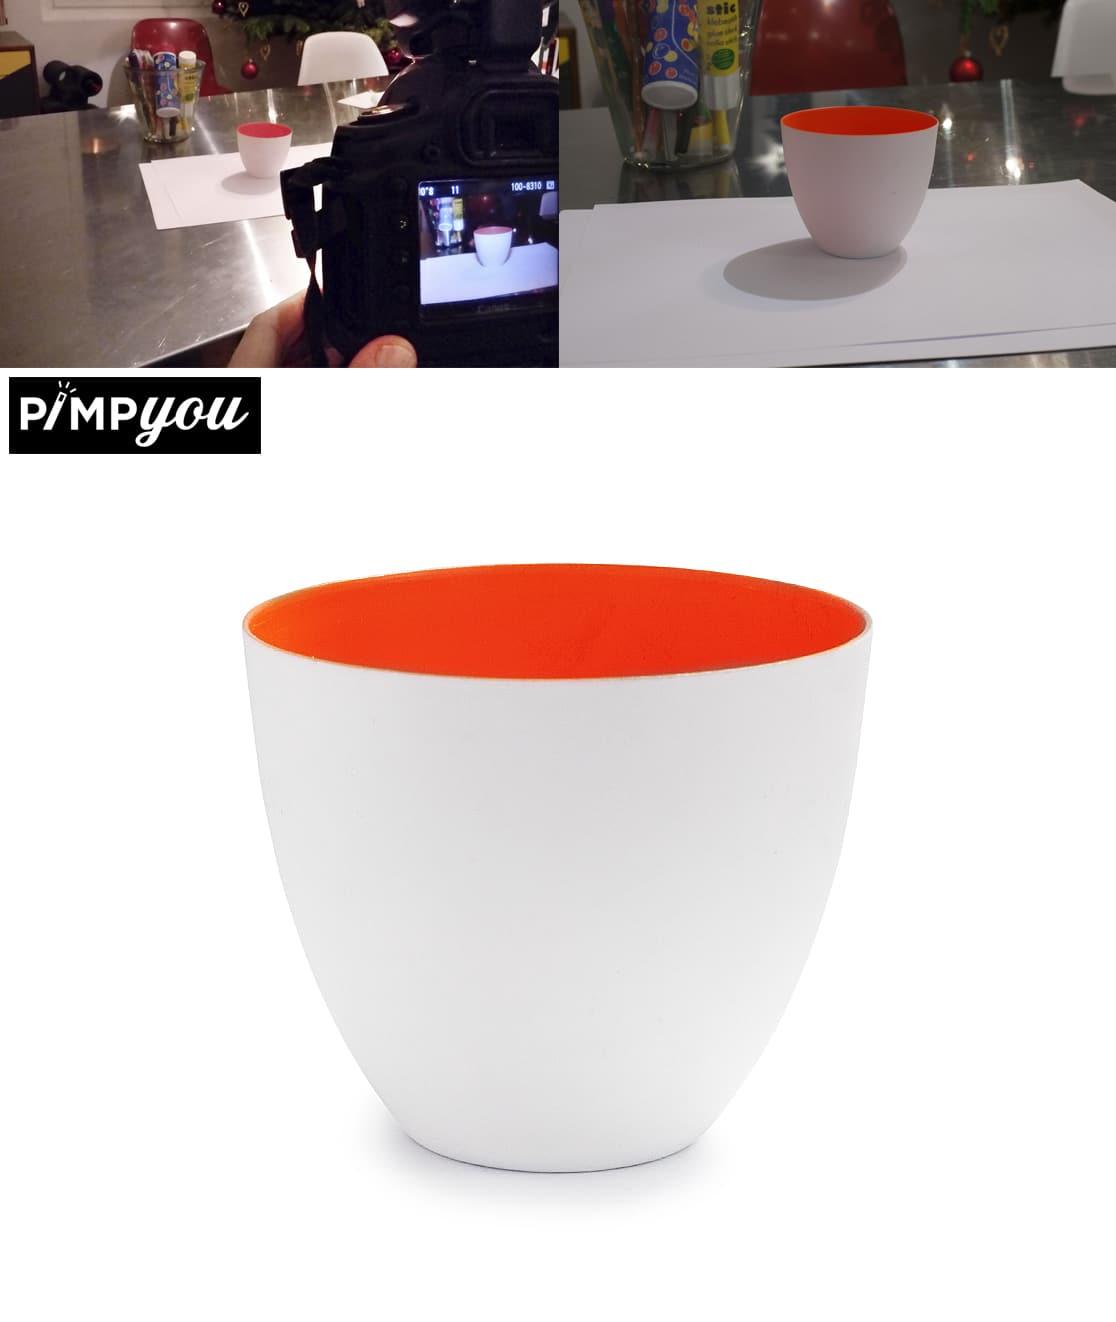 produktbilder selber erstellen und freistellen lassen von einem dienstleister. Black Bedroom Furniture Sets. Home Design Ideas